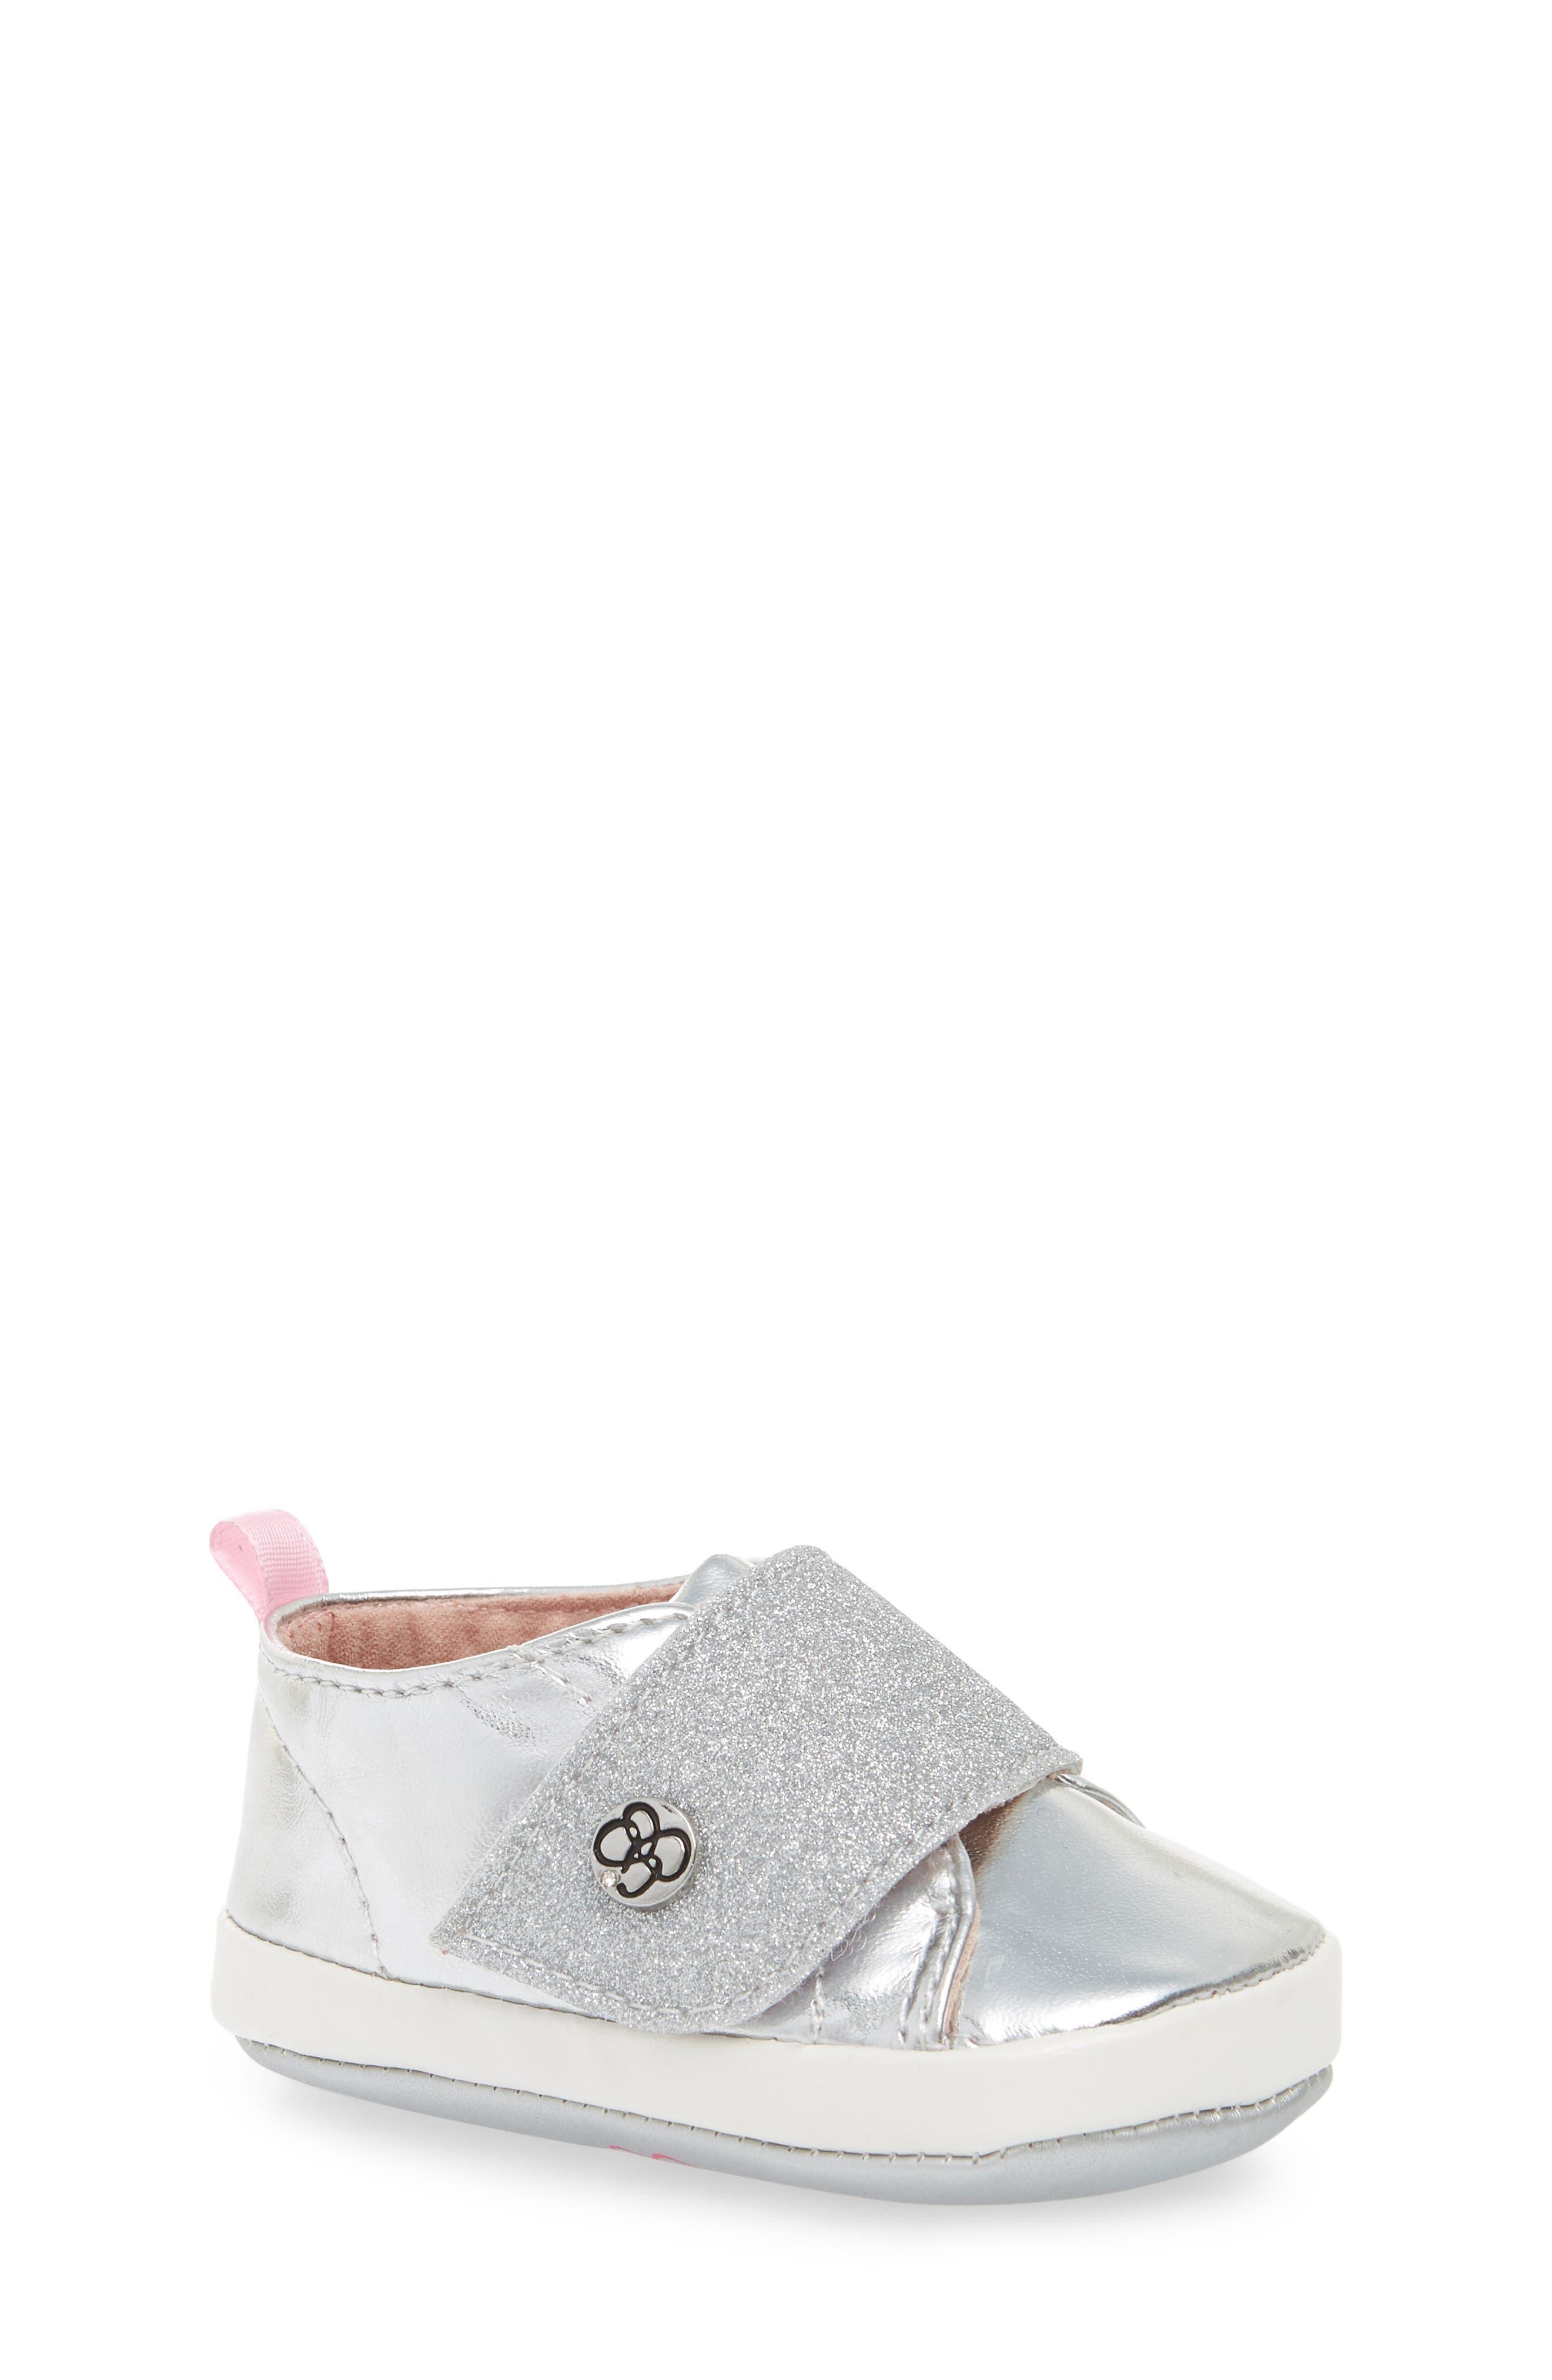 Glitter Crib Sneaker,                         Main,                         color, SILVER MIRROR METALLIC